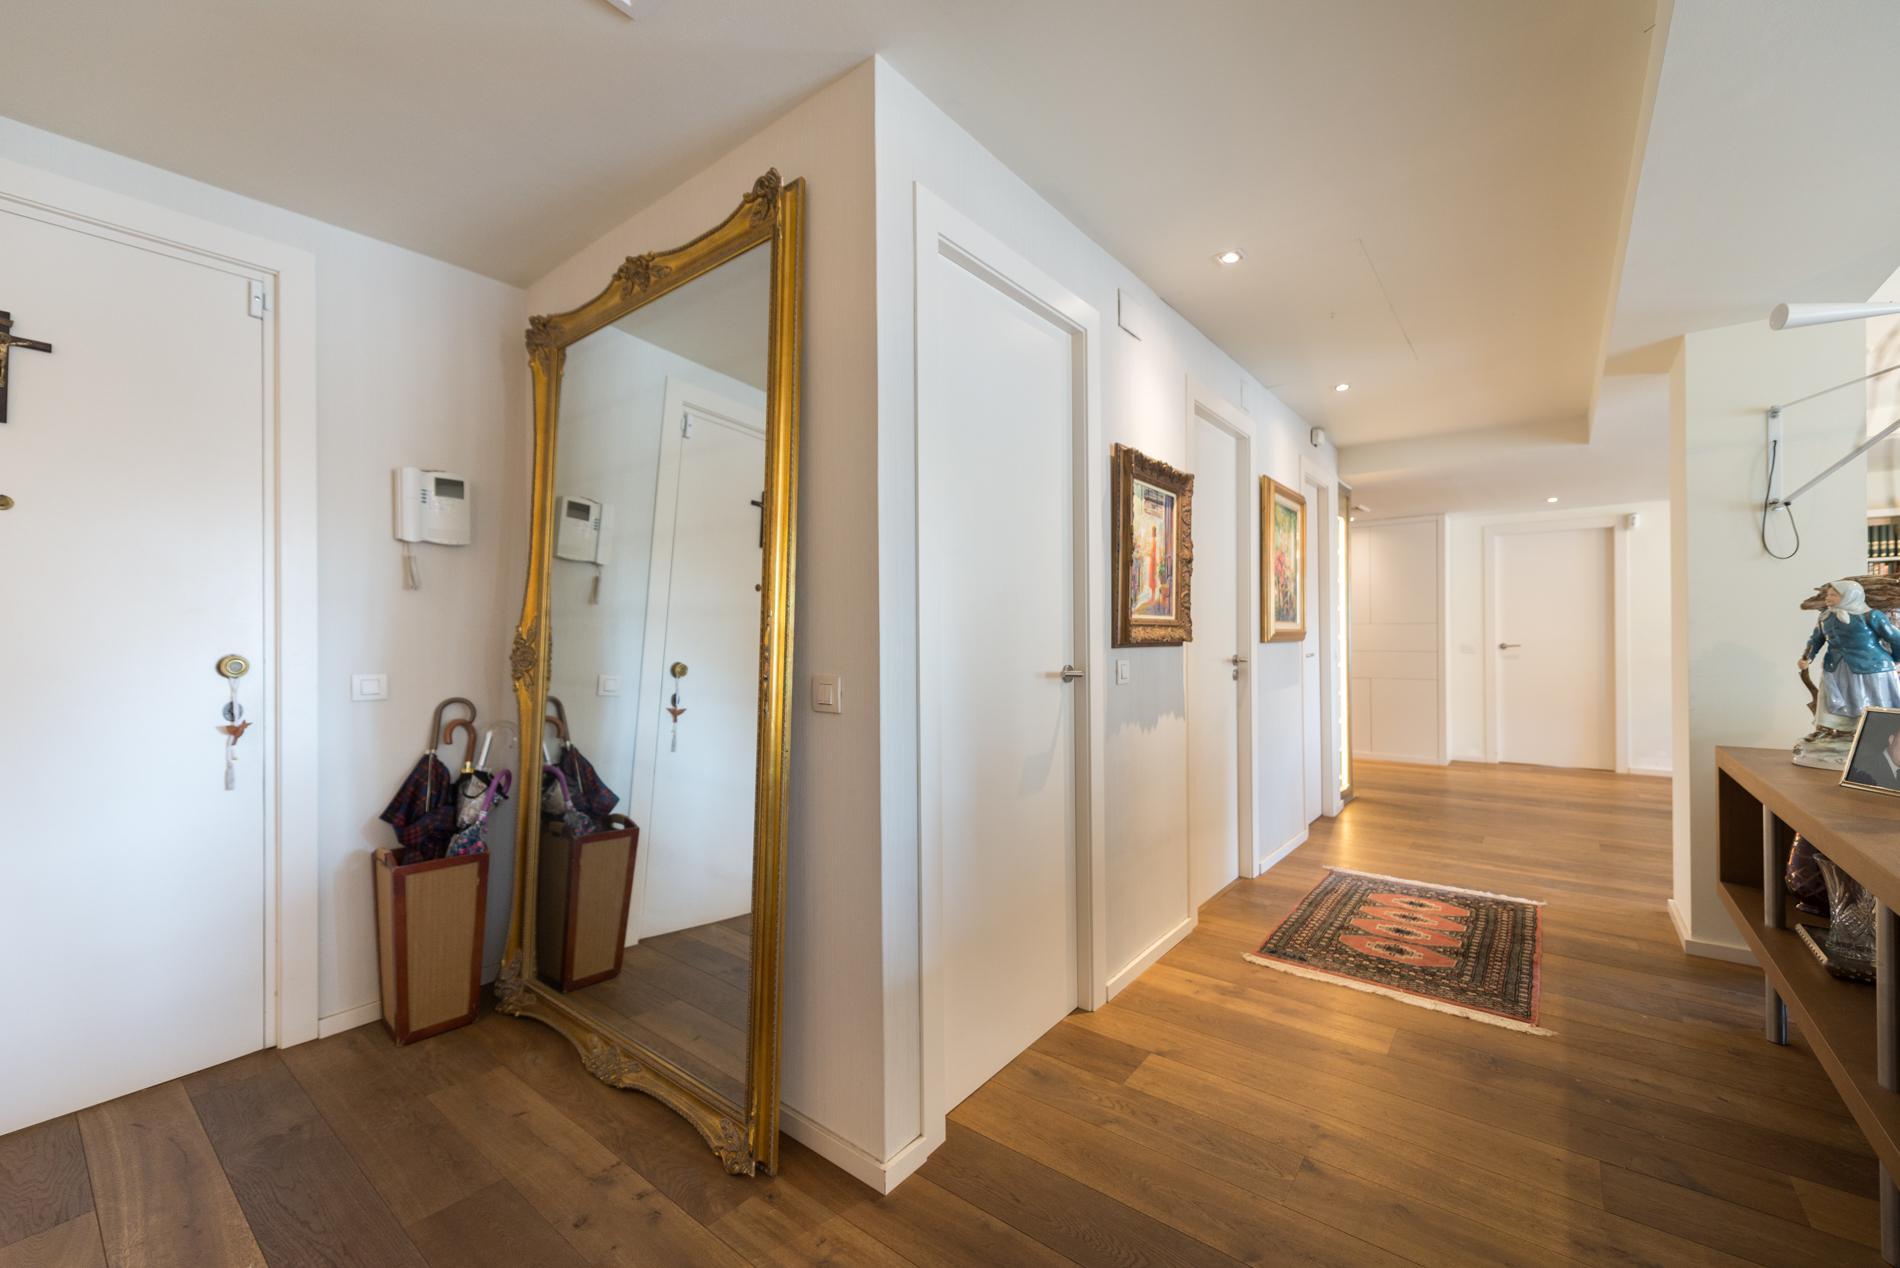 222426 Apartment for sale in Eixample, Dreta Eixample 31